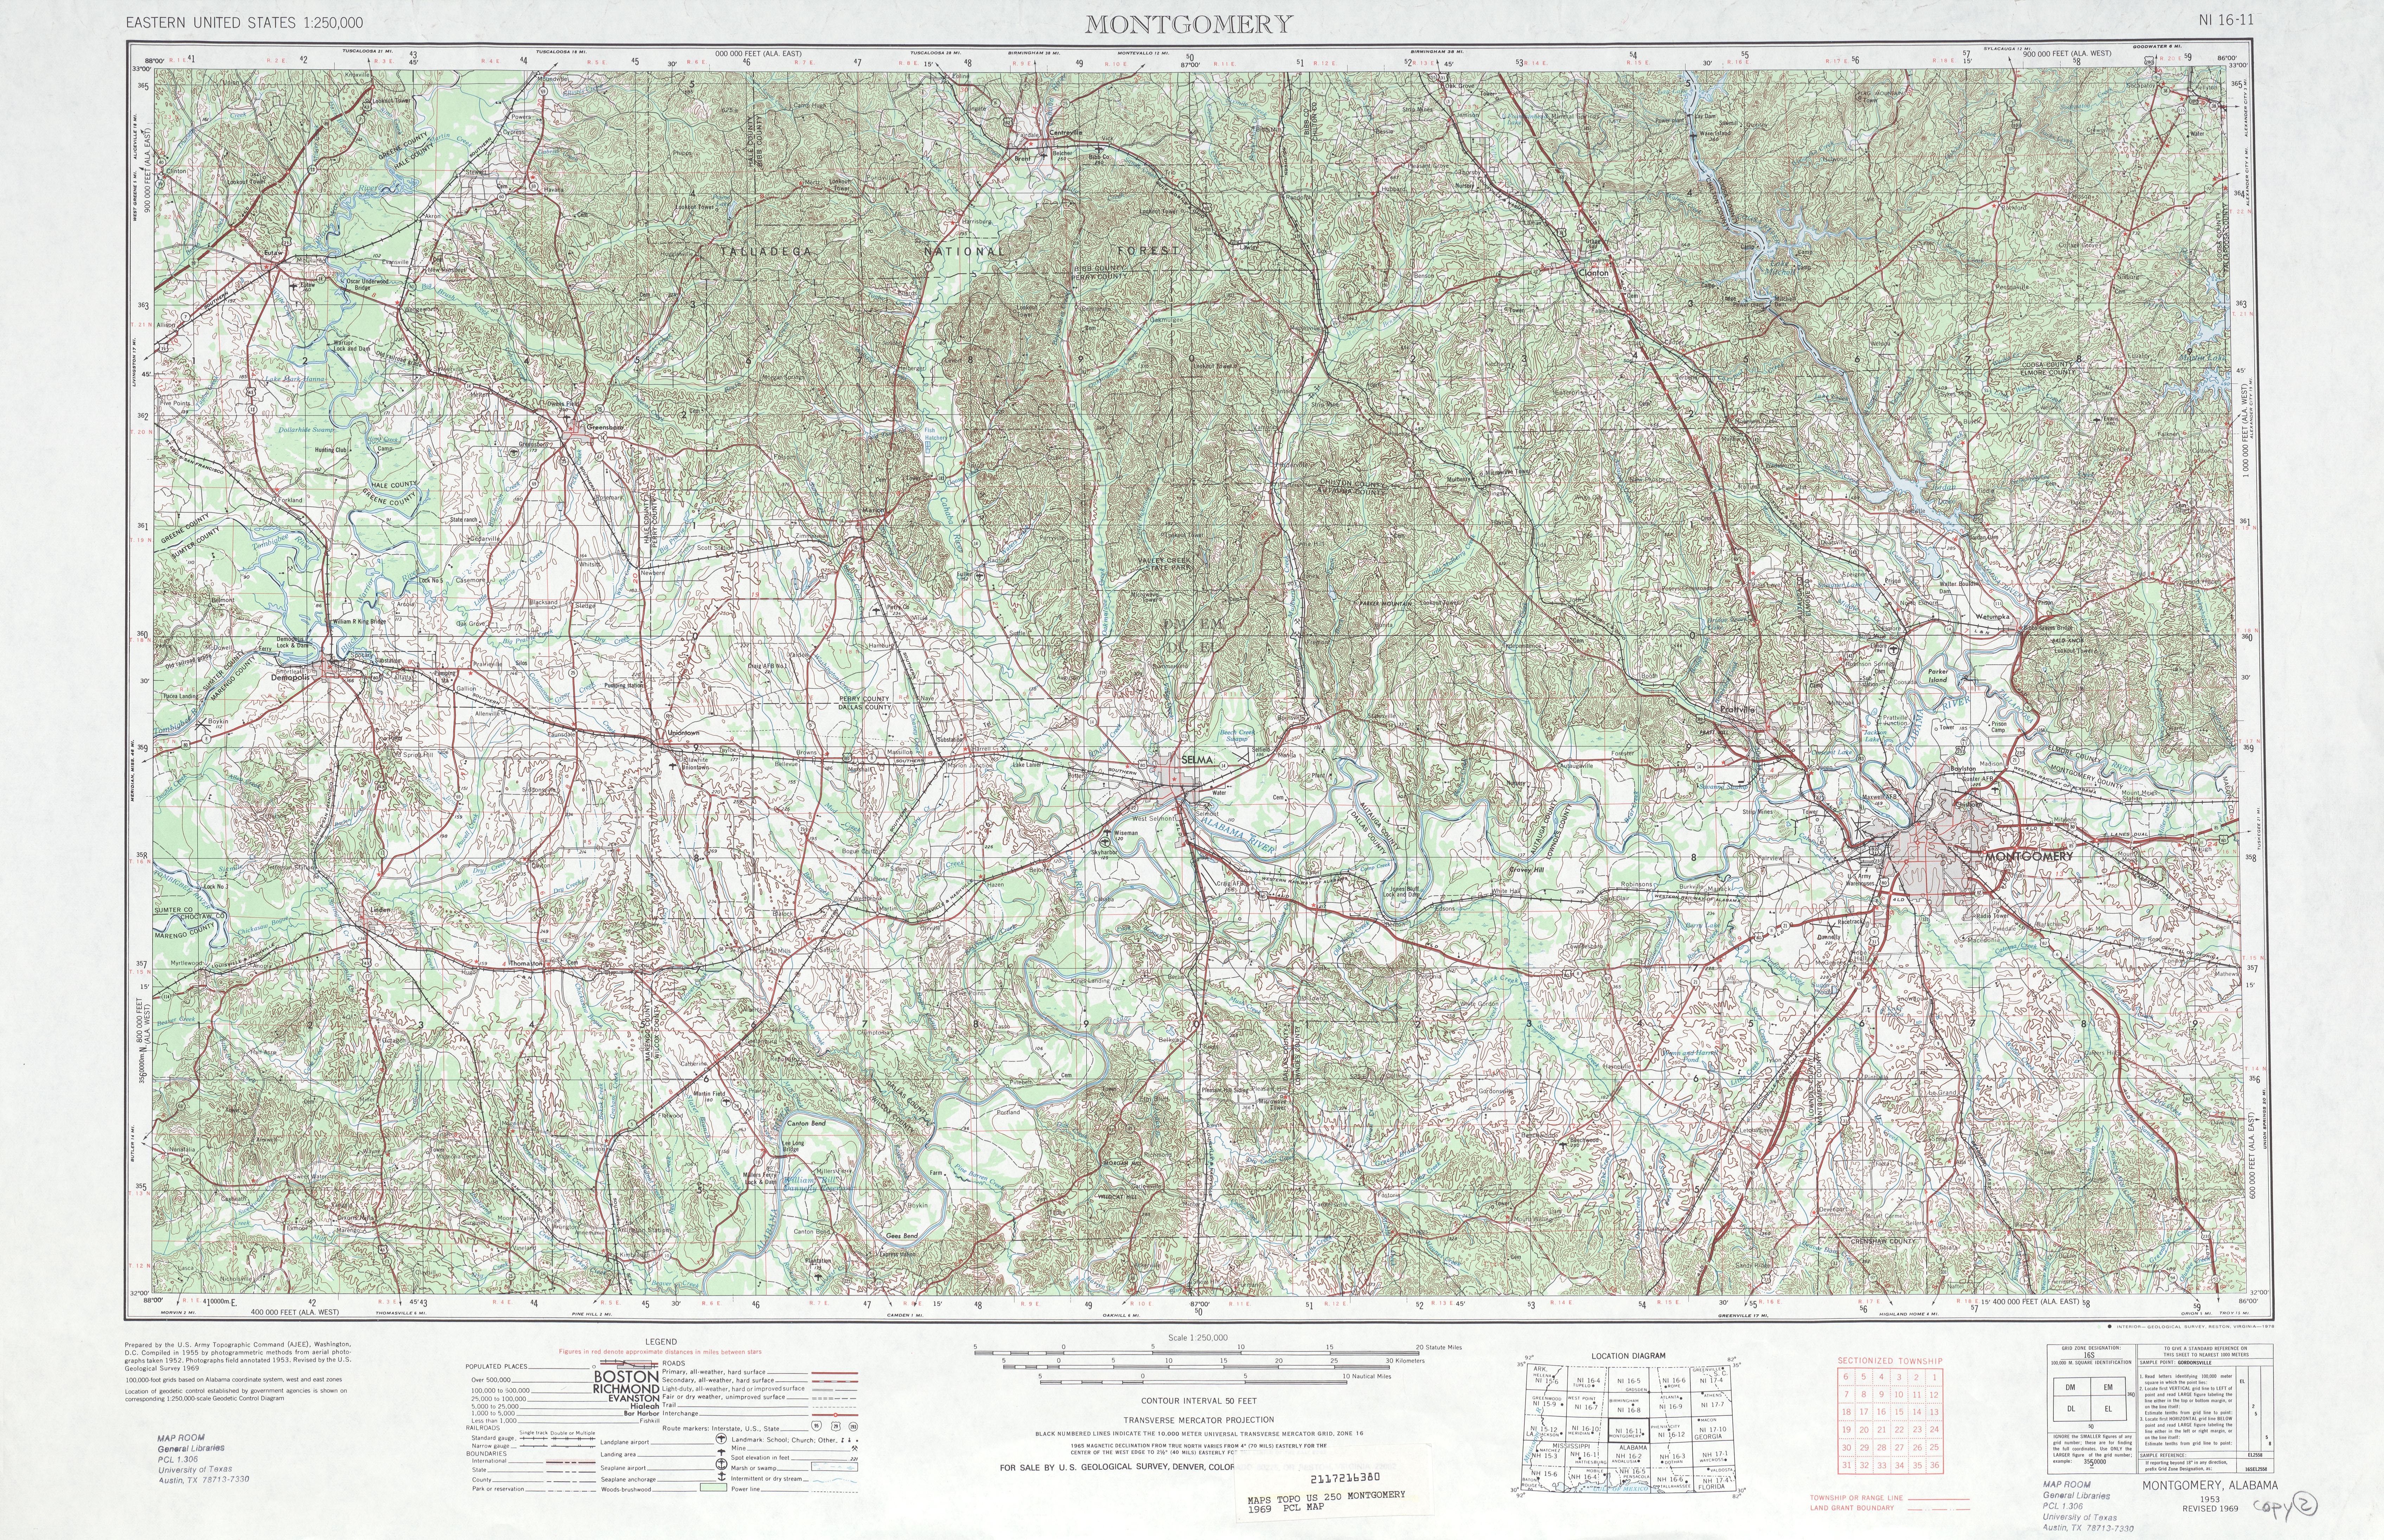 Hoja Montgomery del Mapa Topográfico de los Estados Unidos 1969